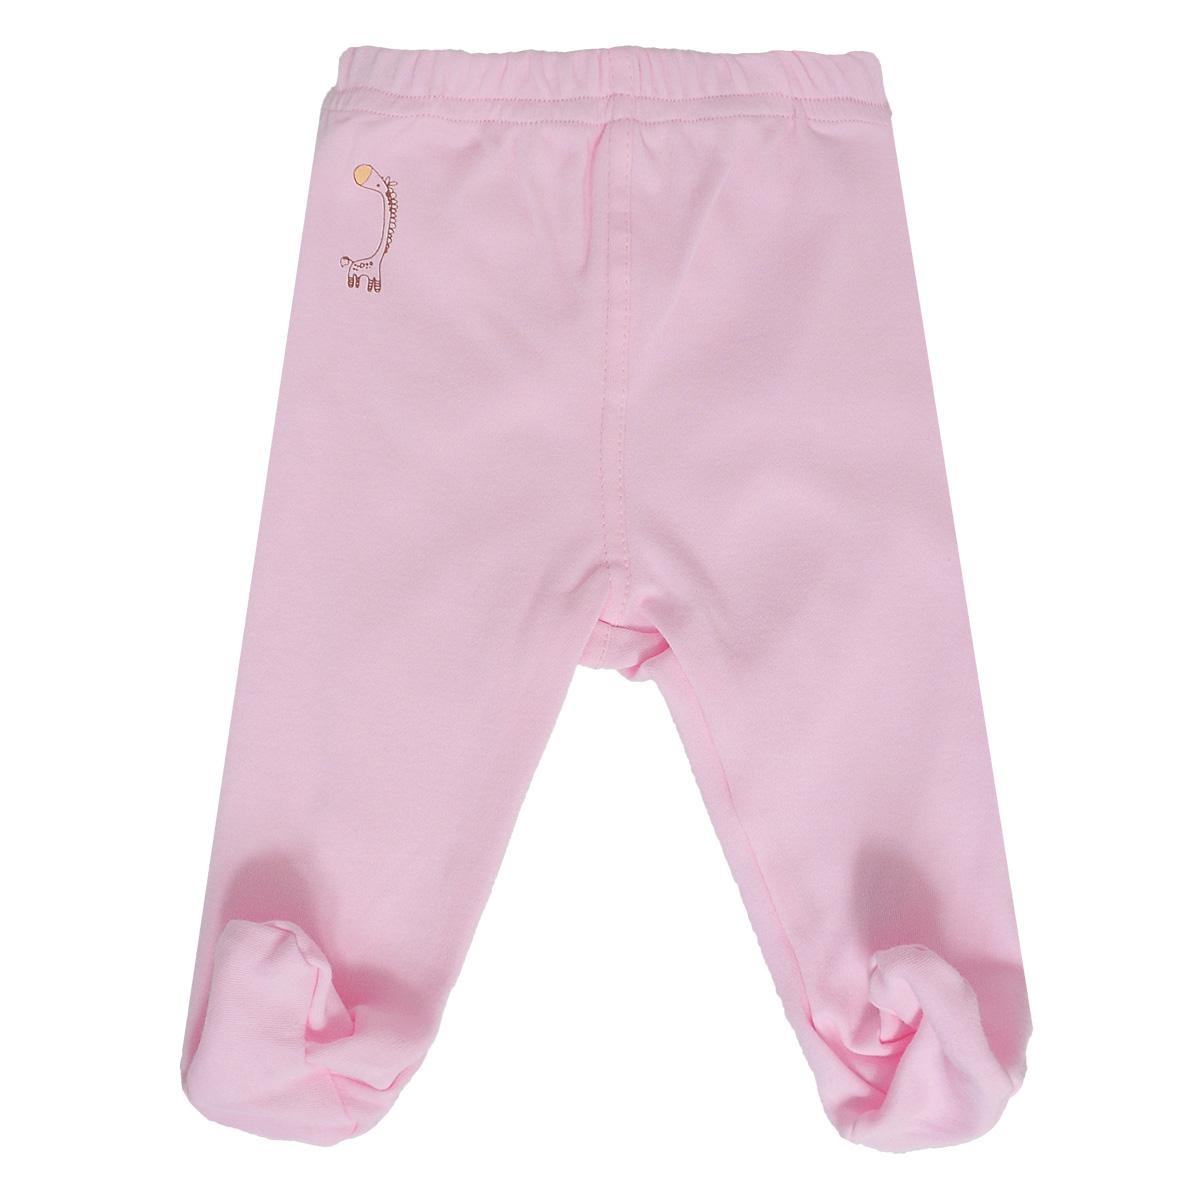 Ползунки Клякса, цвет: розовый. 37-561. Размер 56, 0-1 месяц37-561Ползунки для новорожденного Клякса послужат идеальным дополнением к гардеробу вашего младенца, обеспечивая ему наибольший комфорт.Модель, изготовленная из интерлока - натурального хлопка, необычайно мягкая и легкая, не раздражает нежную кожу ребенка и хорошо вентилируется, а эластичные швы приятны телу новорожденного и не препятствуют его движениям. Ползунки с закрытыми ножками благодаря мягкому эластичному поясу не сдавливают животик младенца и не сползают, идеально подходят для ношения с подгузником. Спереди изделие оформлено оригинальным принтом в виде небольшого изображения животного. Они полностью соответствуют особенностям жизни ребенка в ранний период, не стесняя и не ограничивая его в движениях. УВАЖАЕМЫЕ КЛИЕНТЫ! Обращаем ваше внимание на возможные незначительные изменения в дизайне: рисунок животного может отличатся от рисунка, изображенного на фотографии.